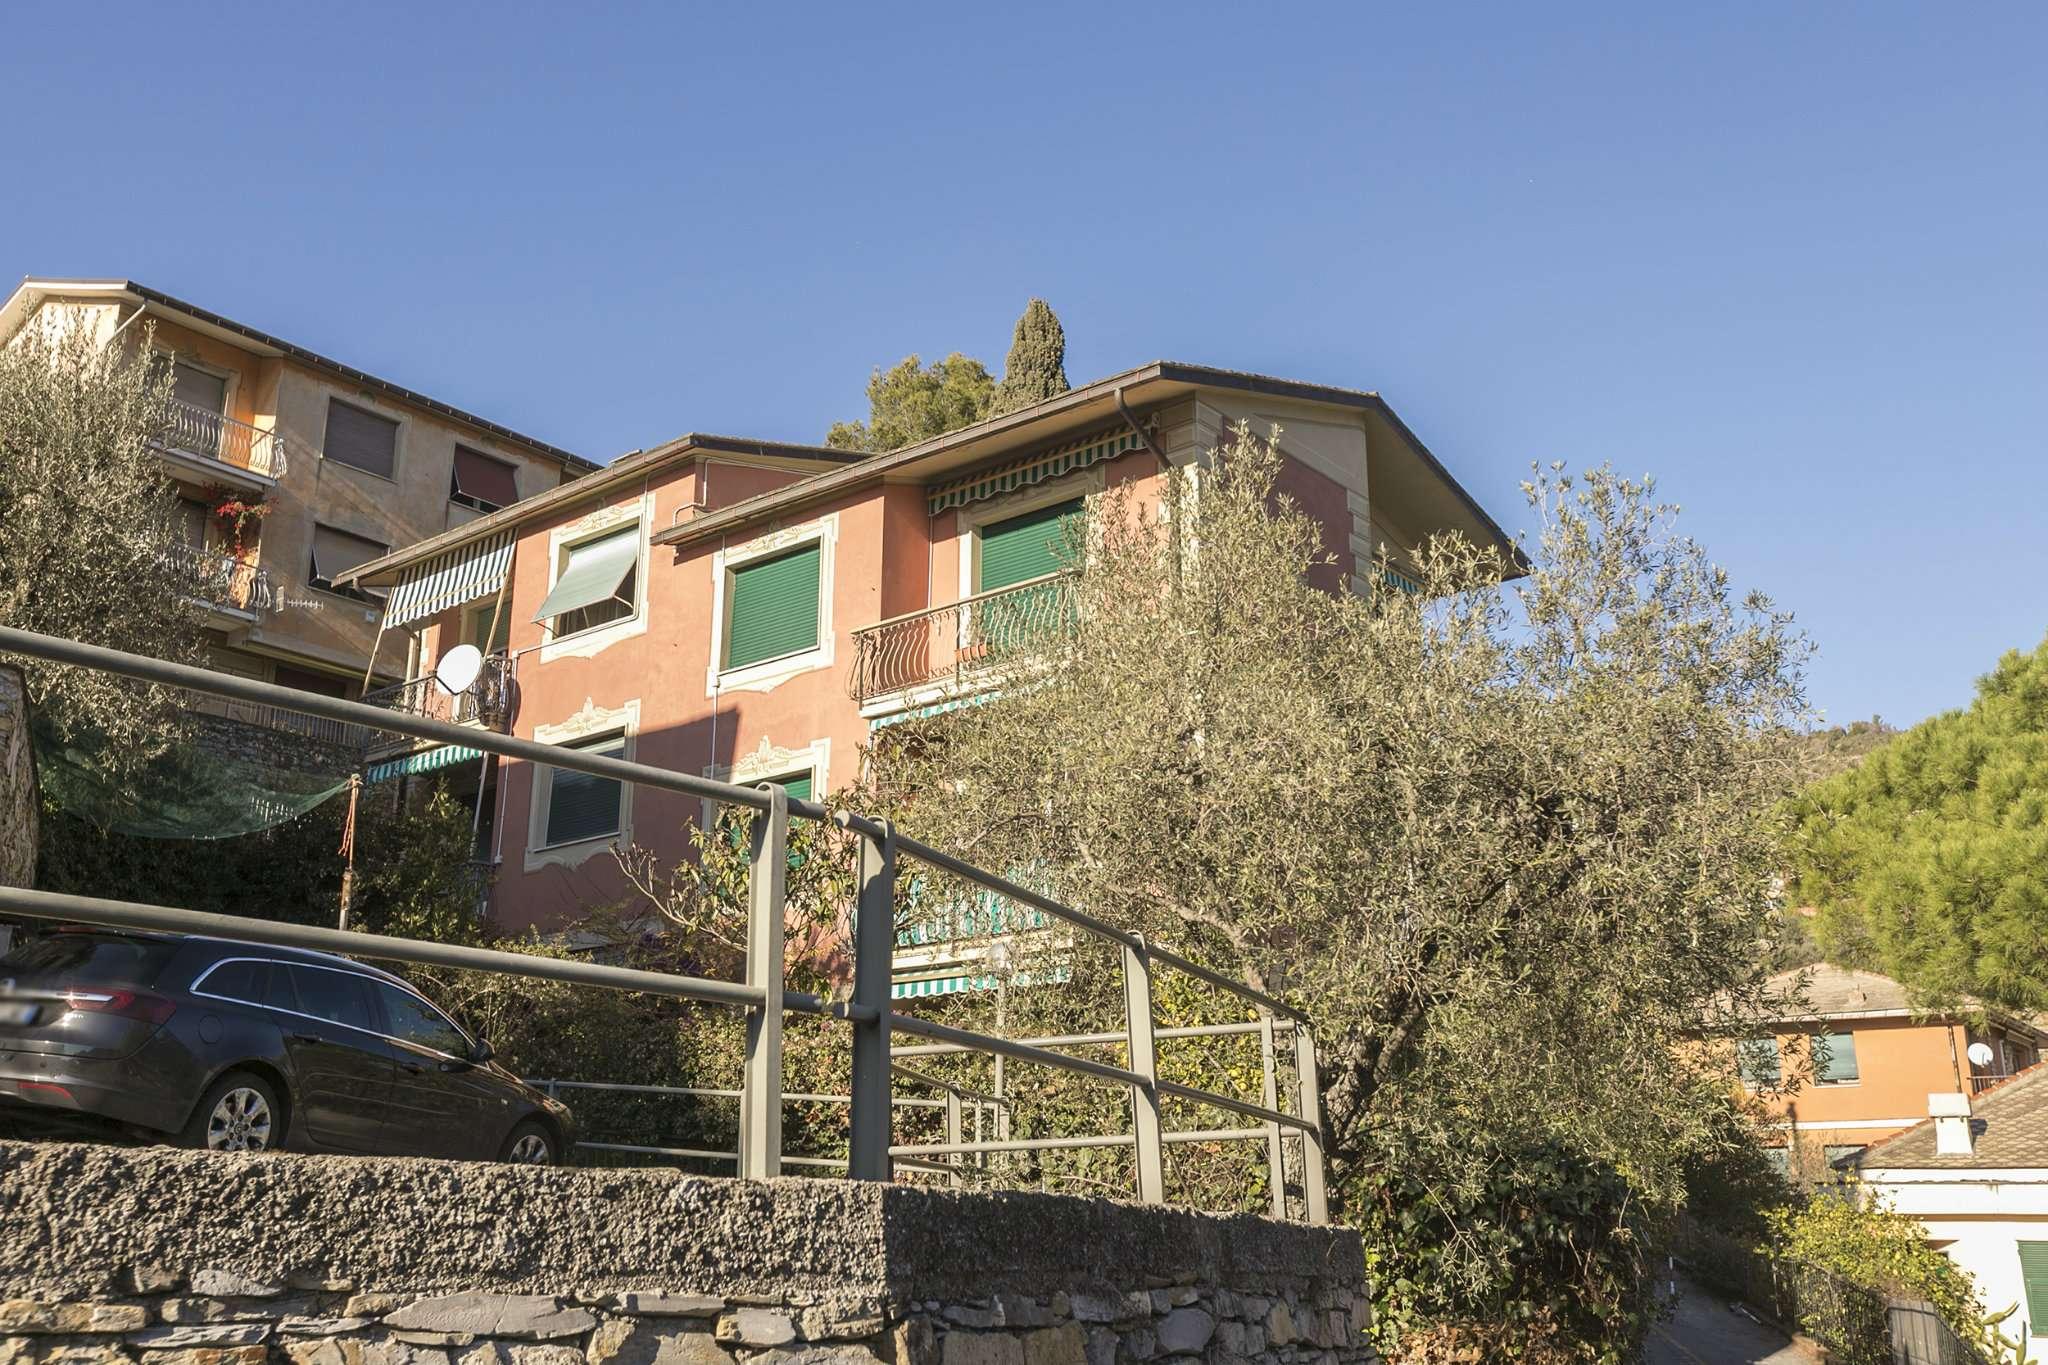 Appartamento in Vendita a Recco Centro: 3 locali, 60 mq